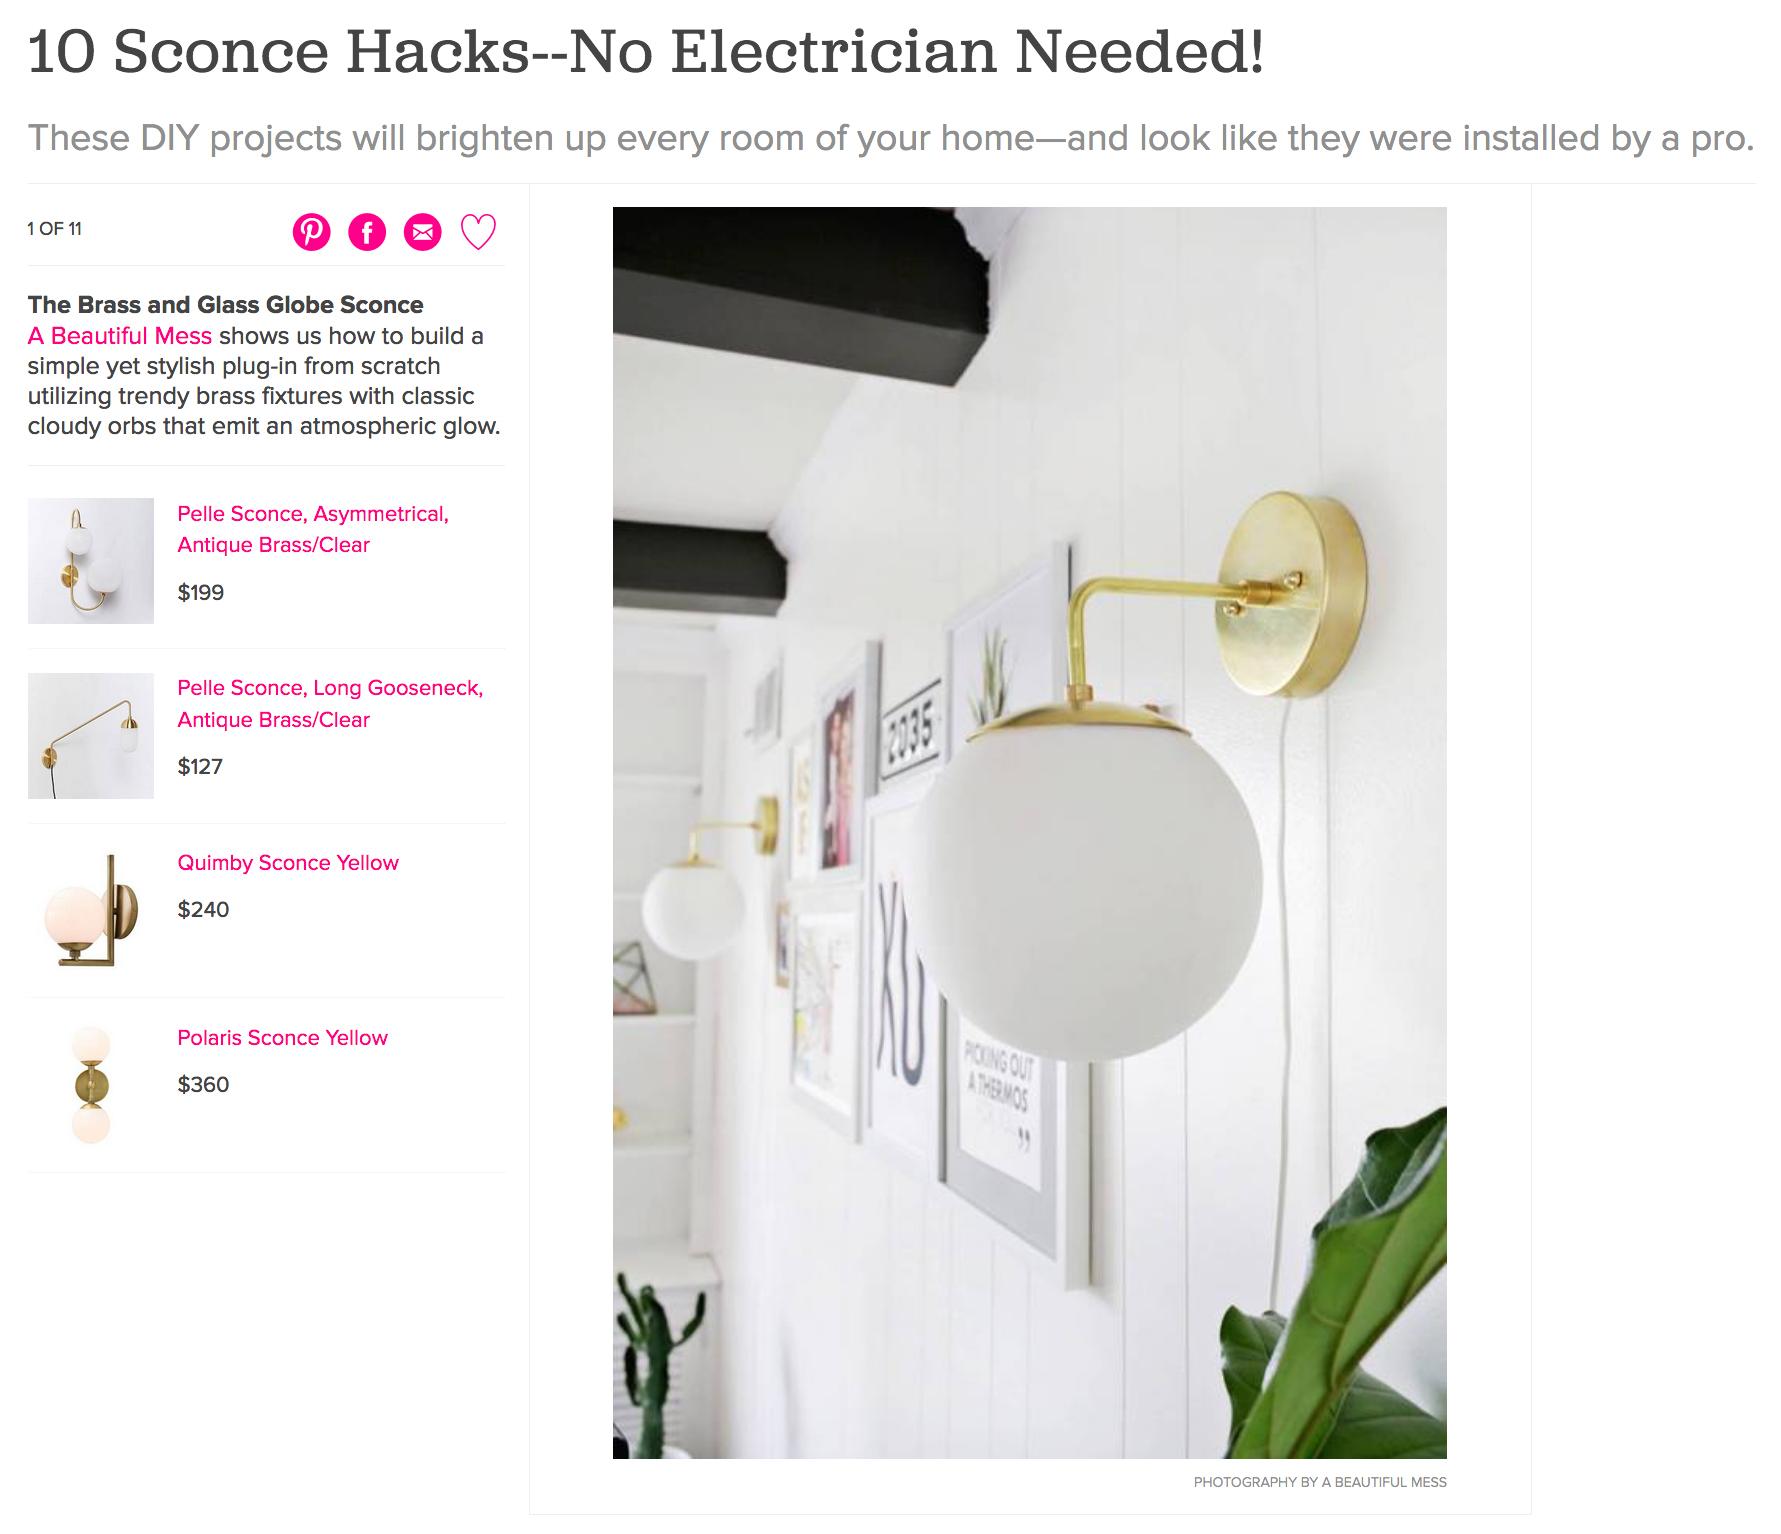 10 Sconce Hacks--No Electrician Needed!